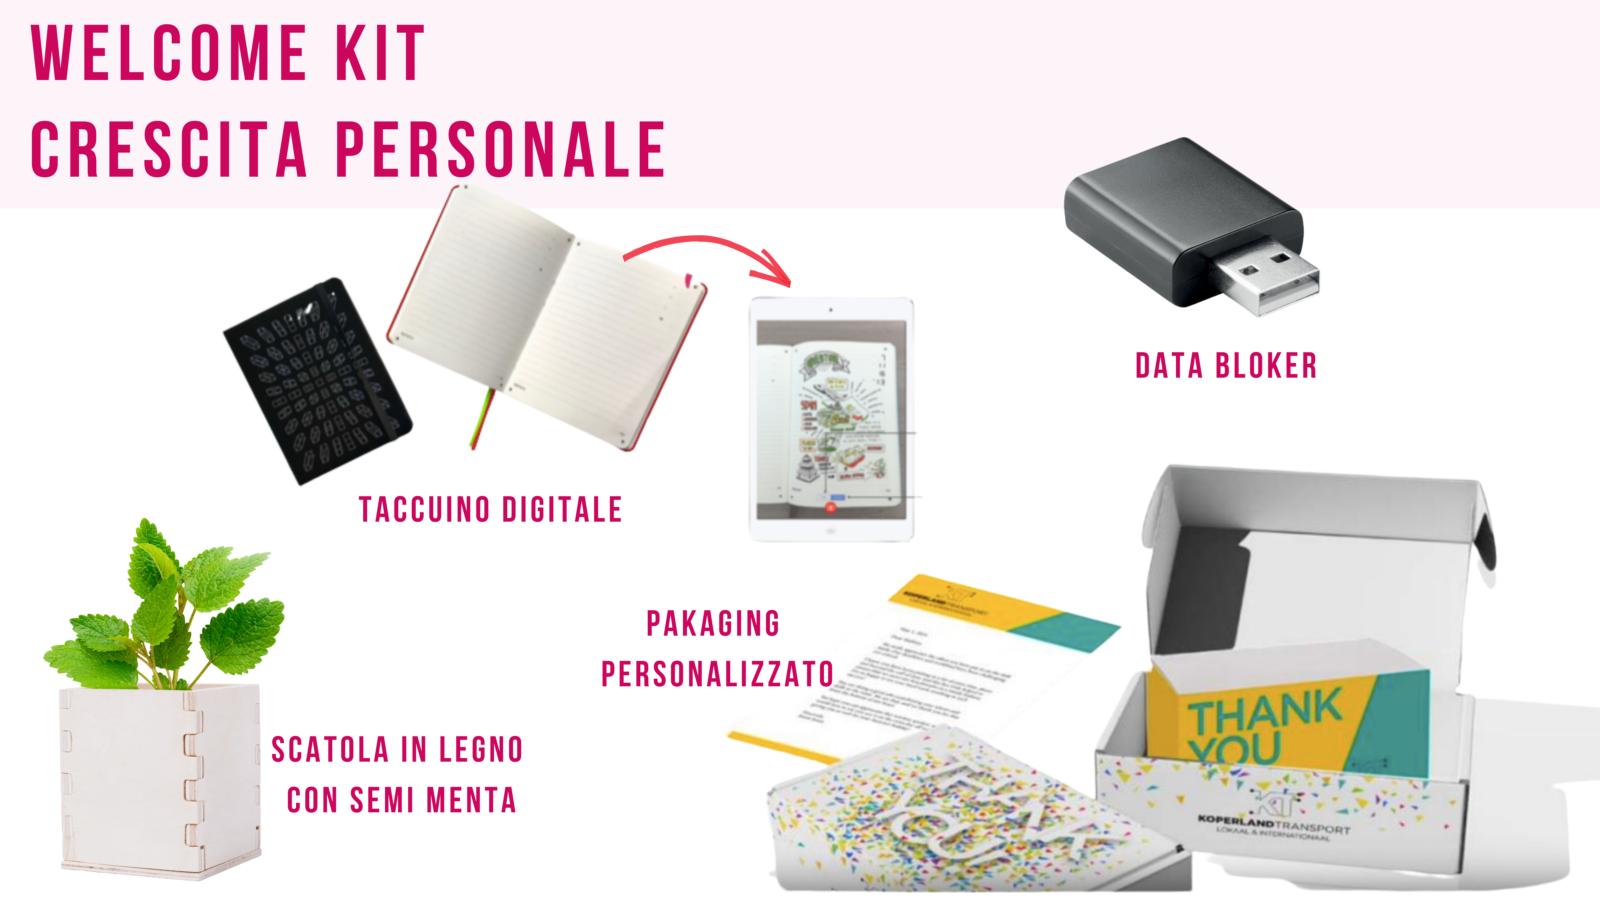 Welcome kit aziendali personalizzati